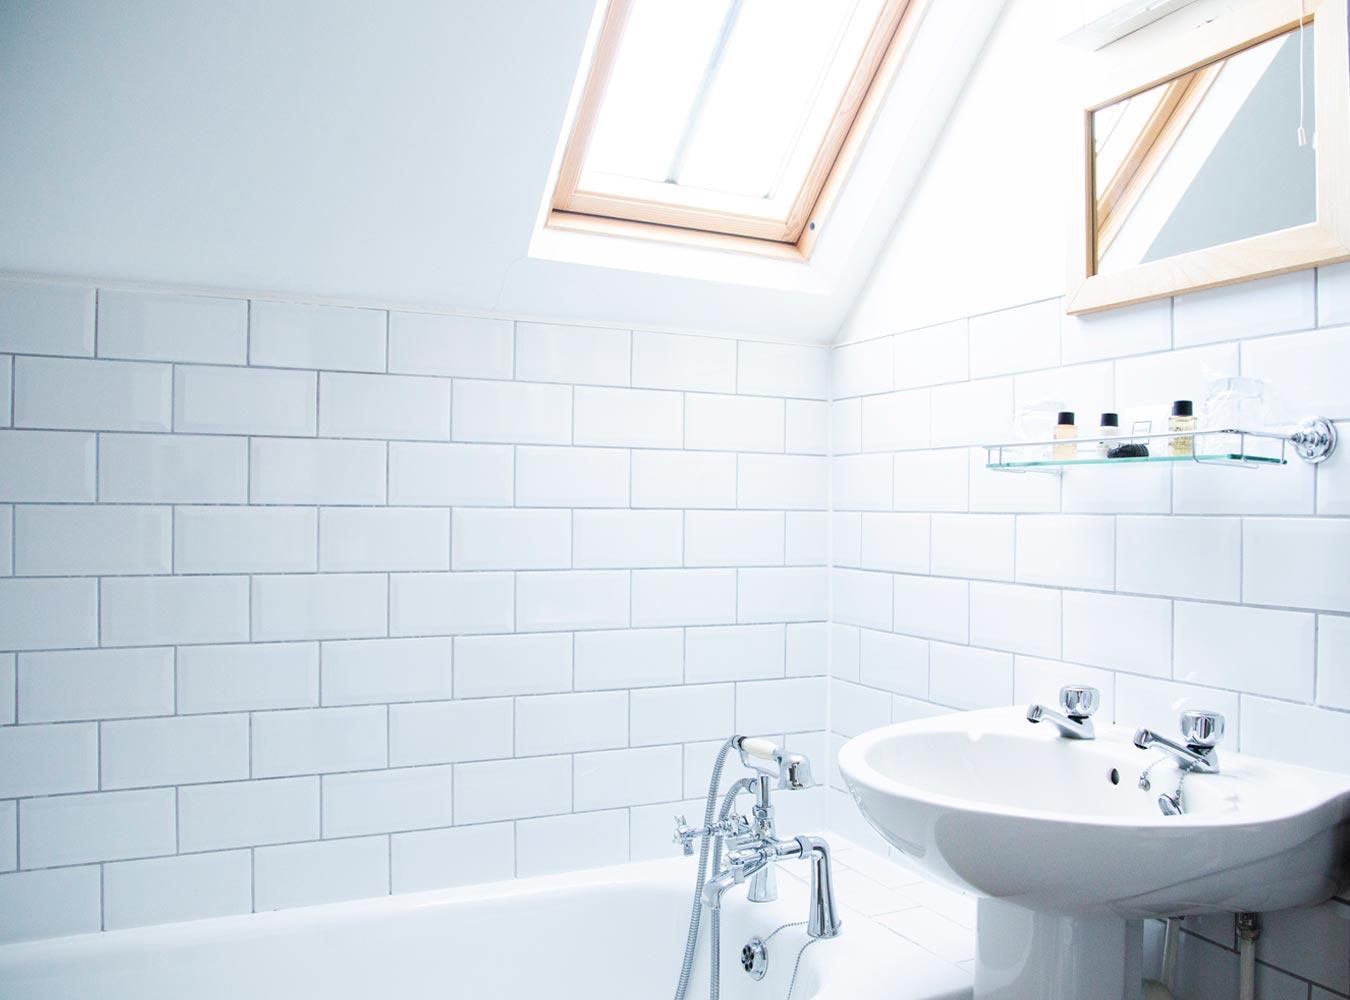 27x20_room11-bathroom